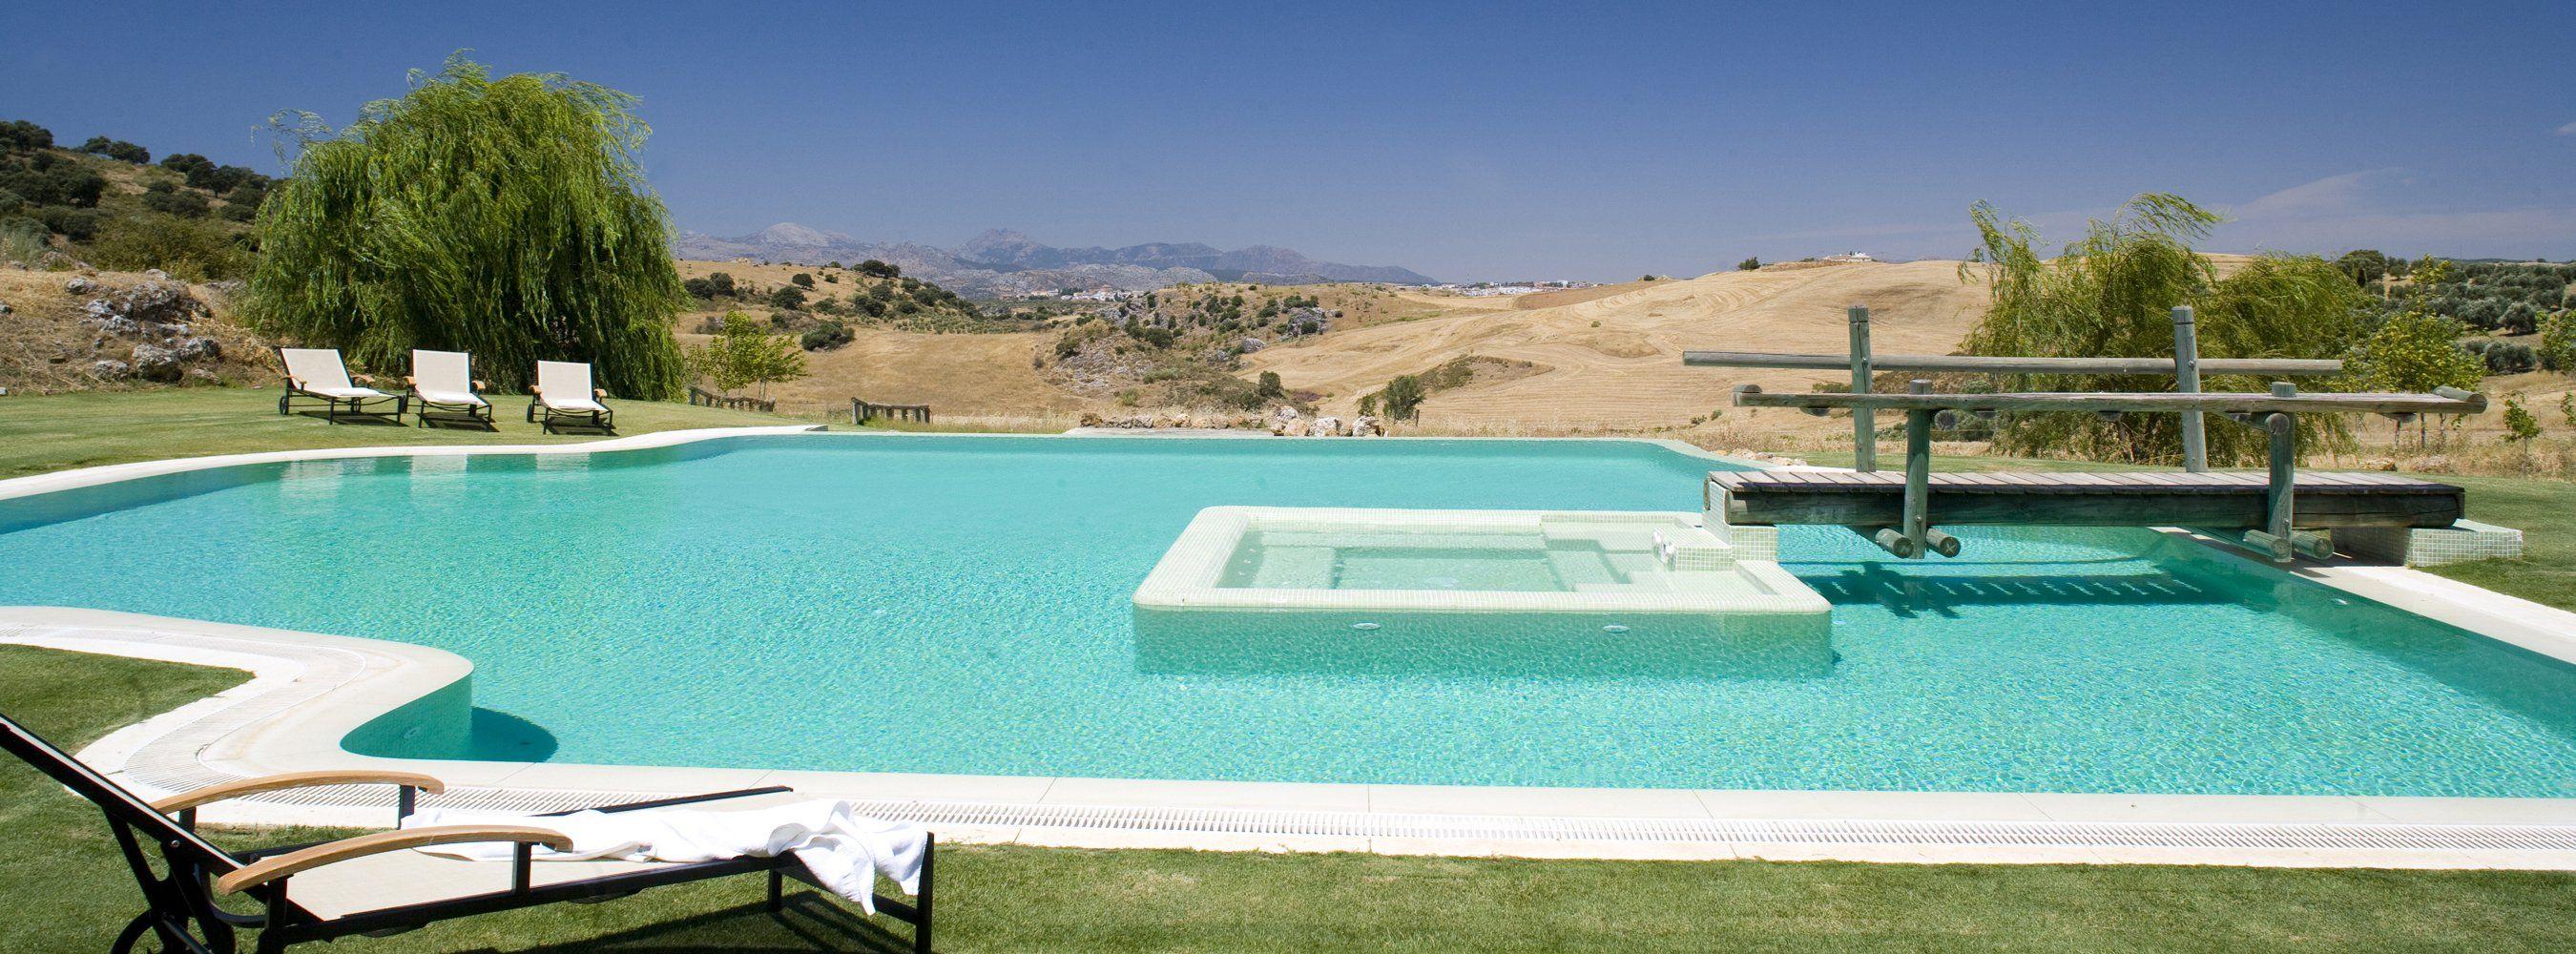 swimming pool ronda spain